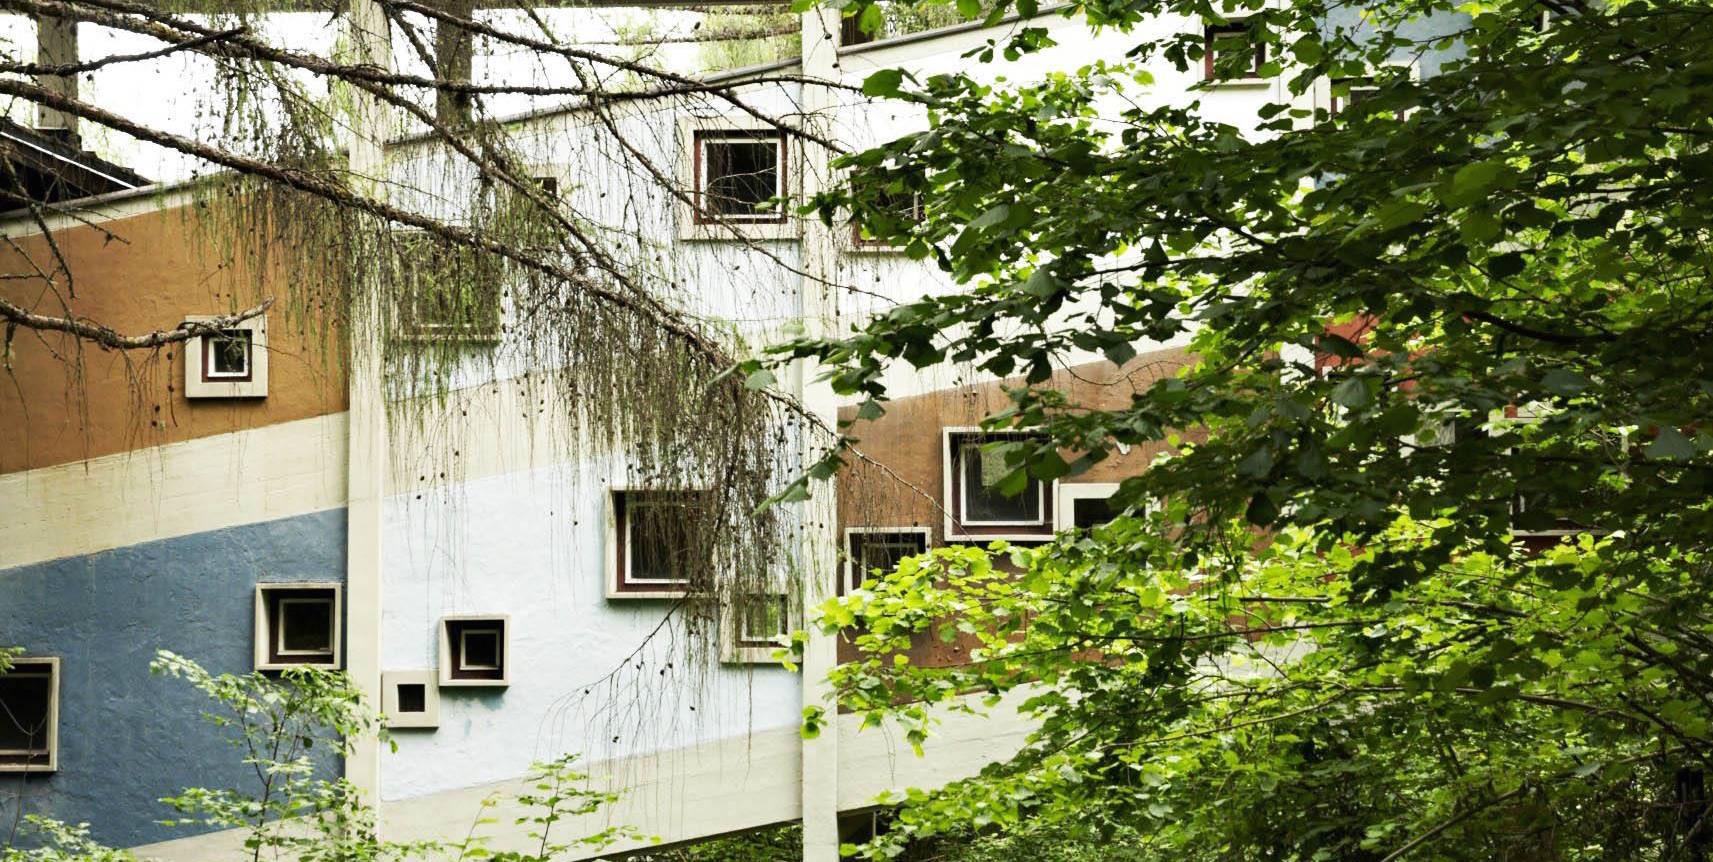 progettoborca allo iuav_30 ottobre_foto sergio casagrande